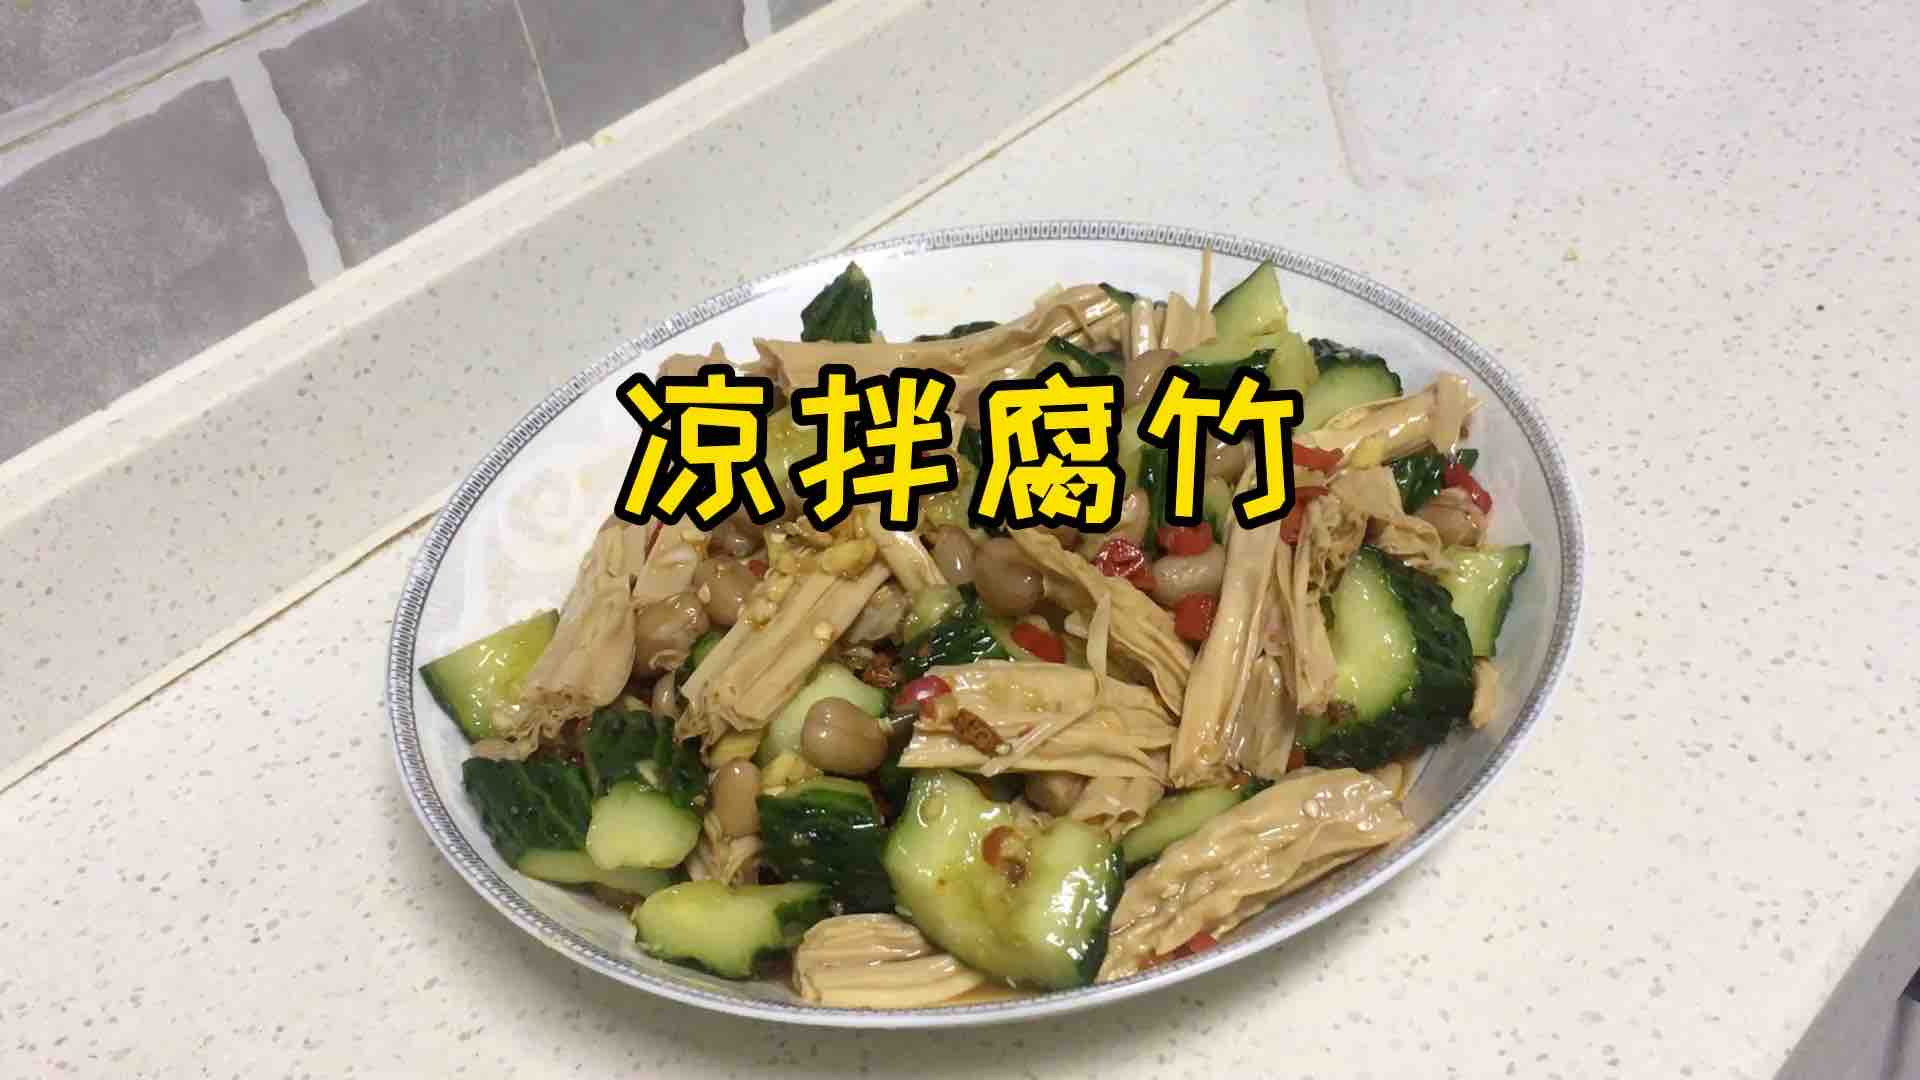 凉拌腐竹的做法